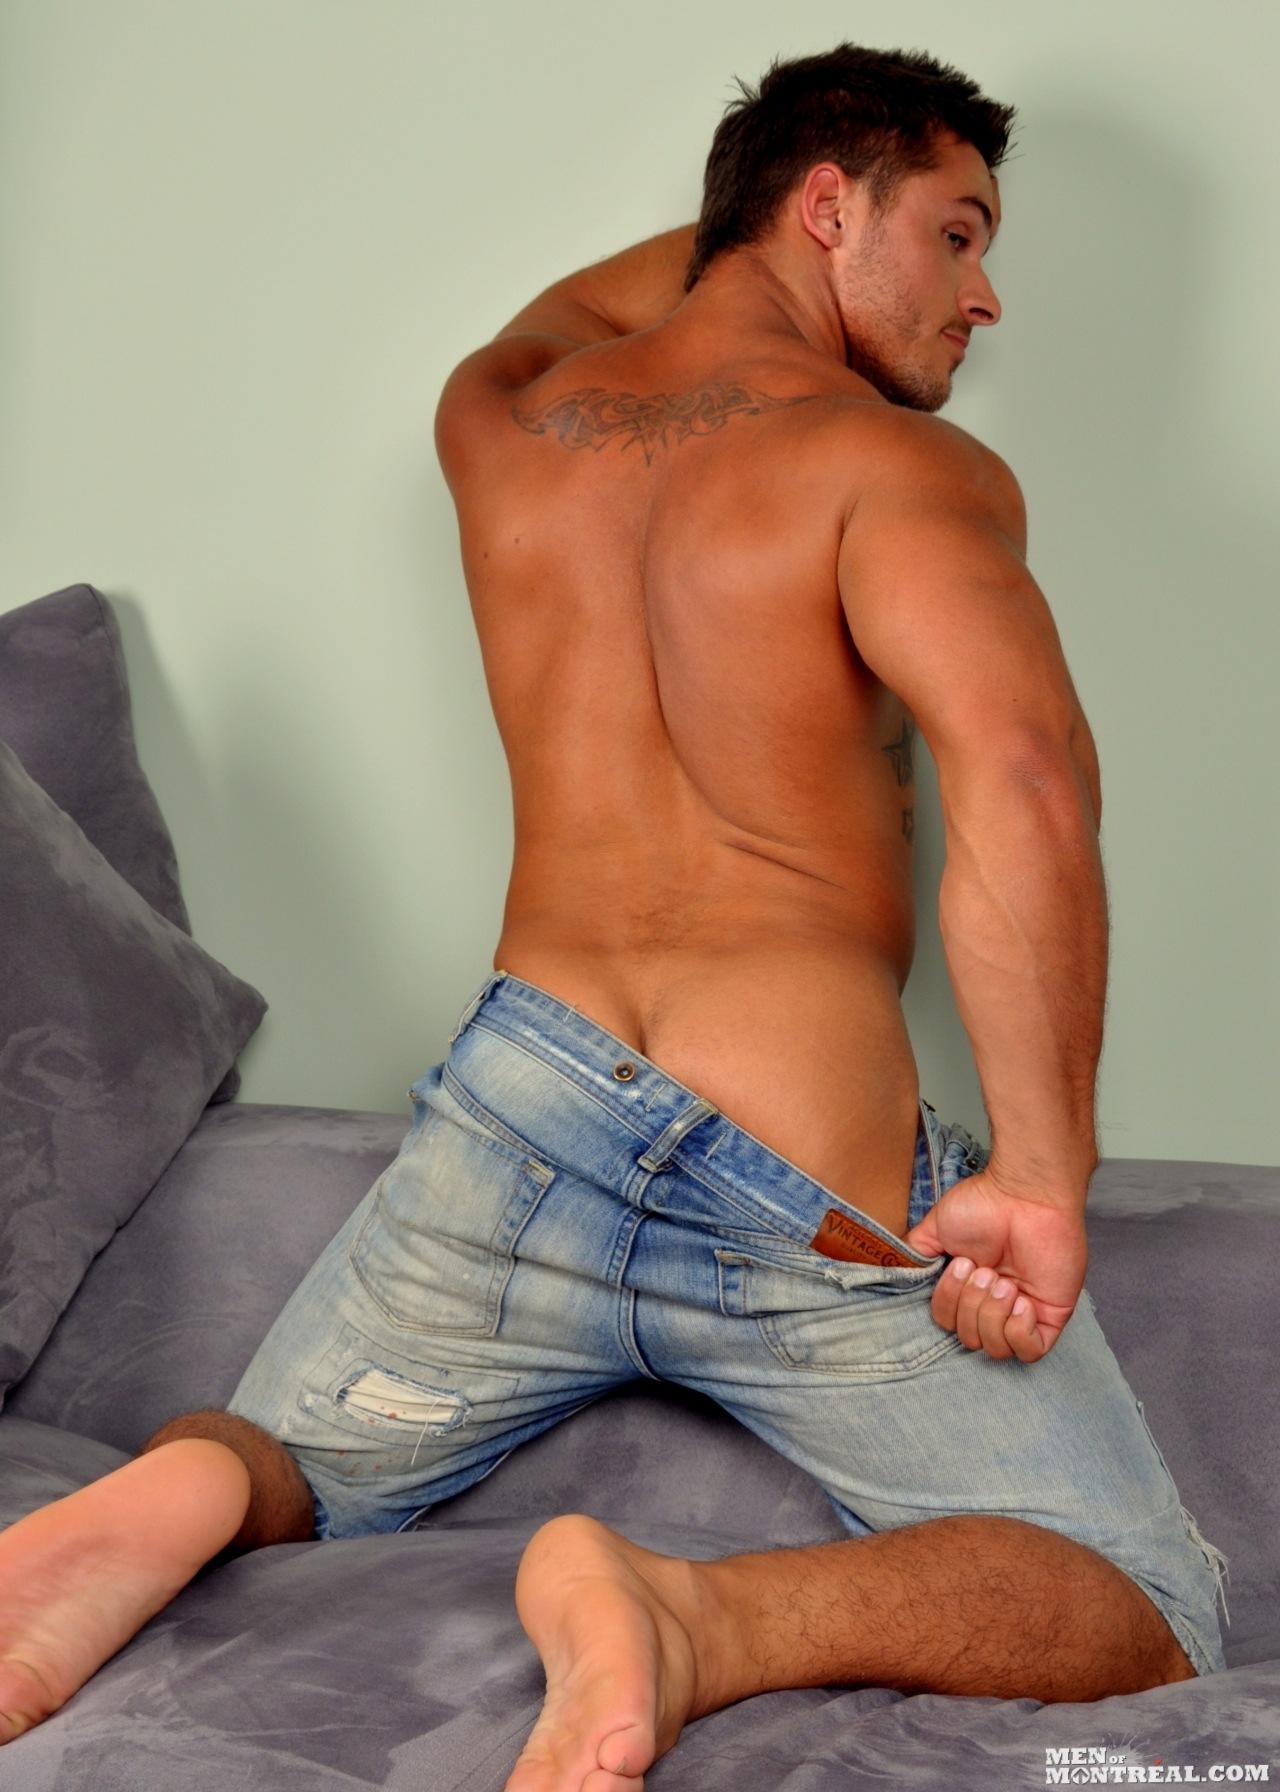 men of color bareback raw gay videos